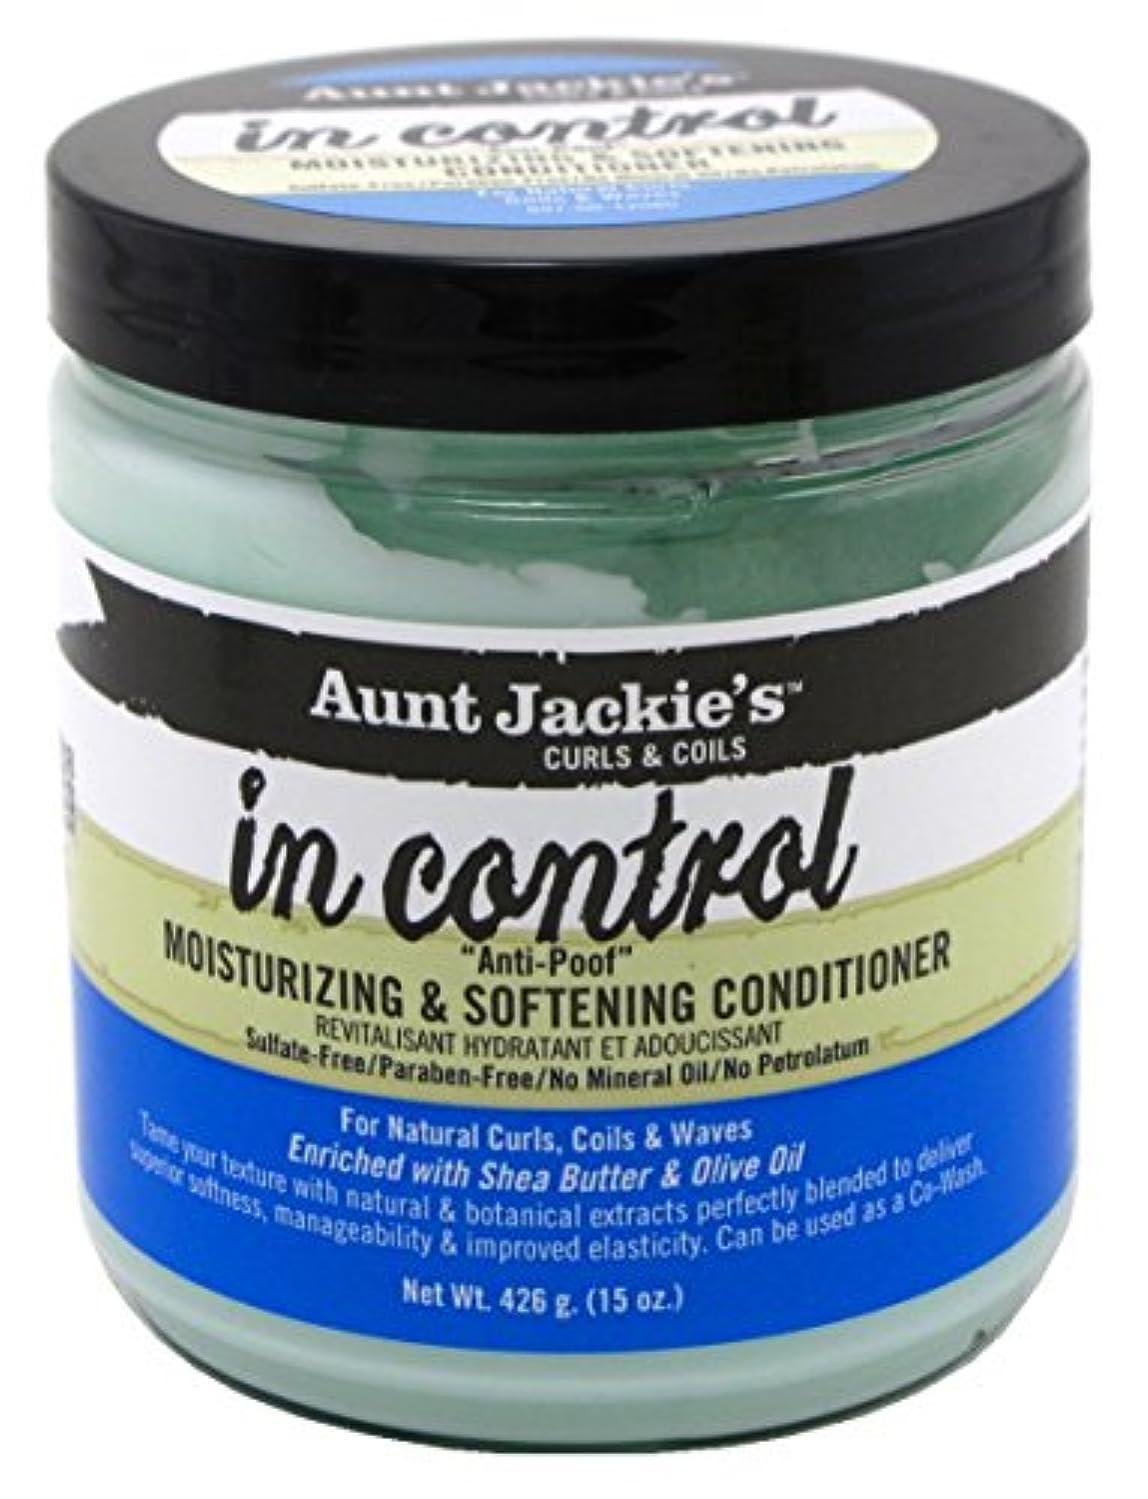 送る発音むしろAunt Jackie's コントロールモイスチャライジング&軟化コンディショナー15オンスのジャー(443Ml)(2パック)で叔母Jackies